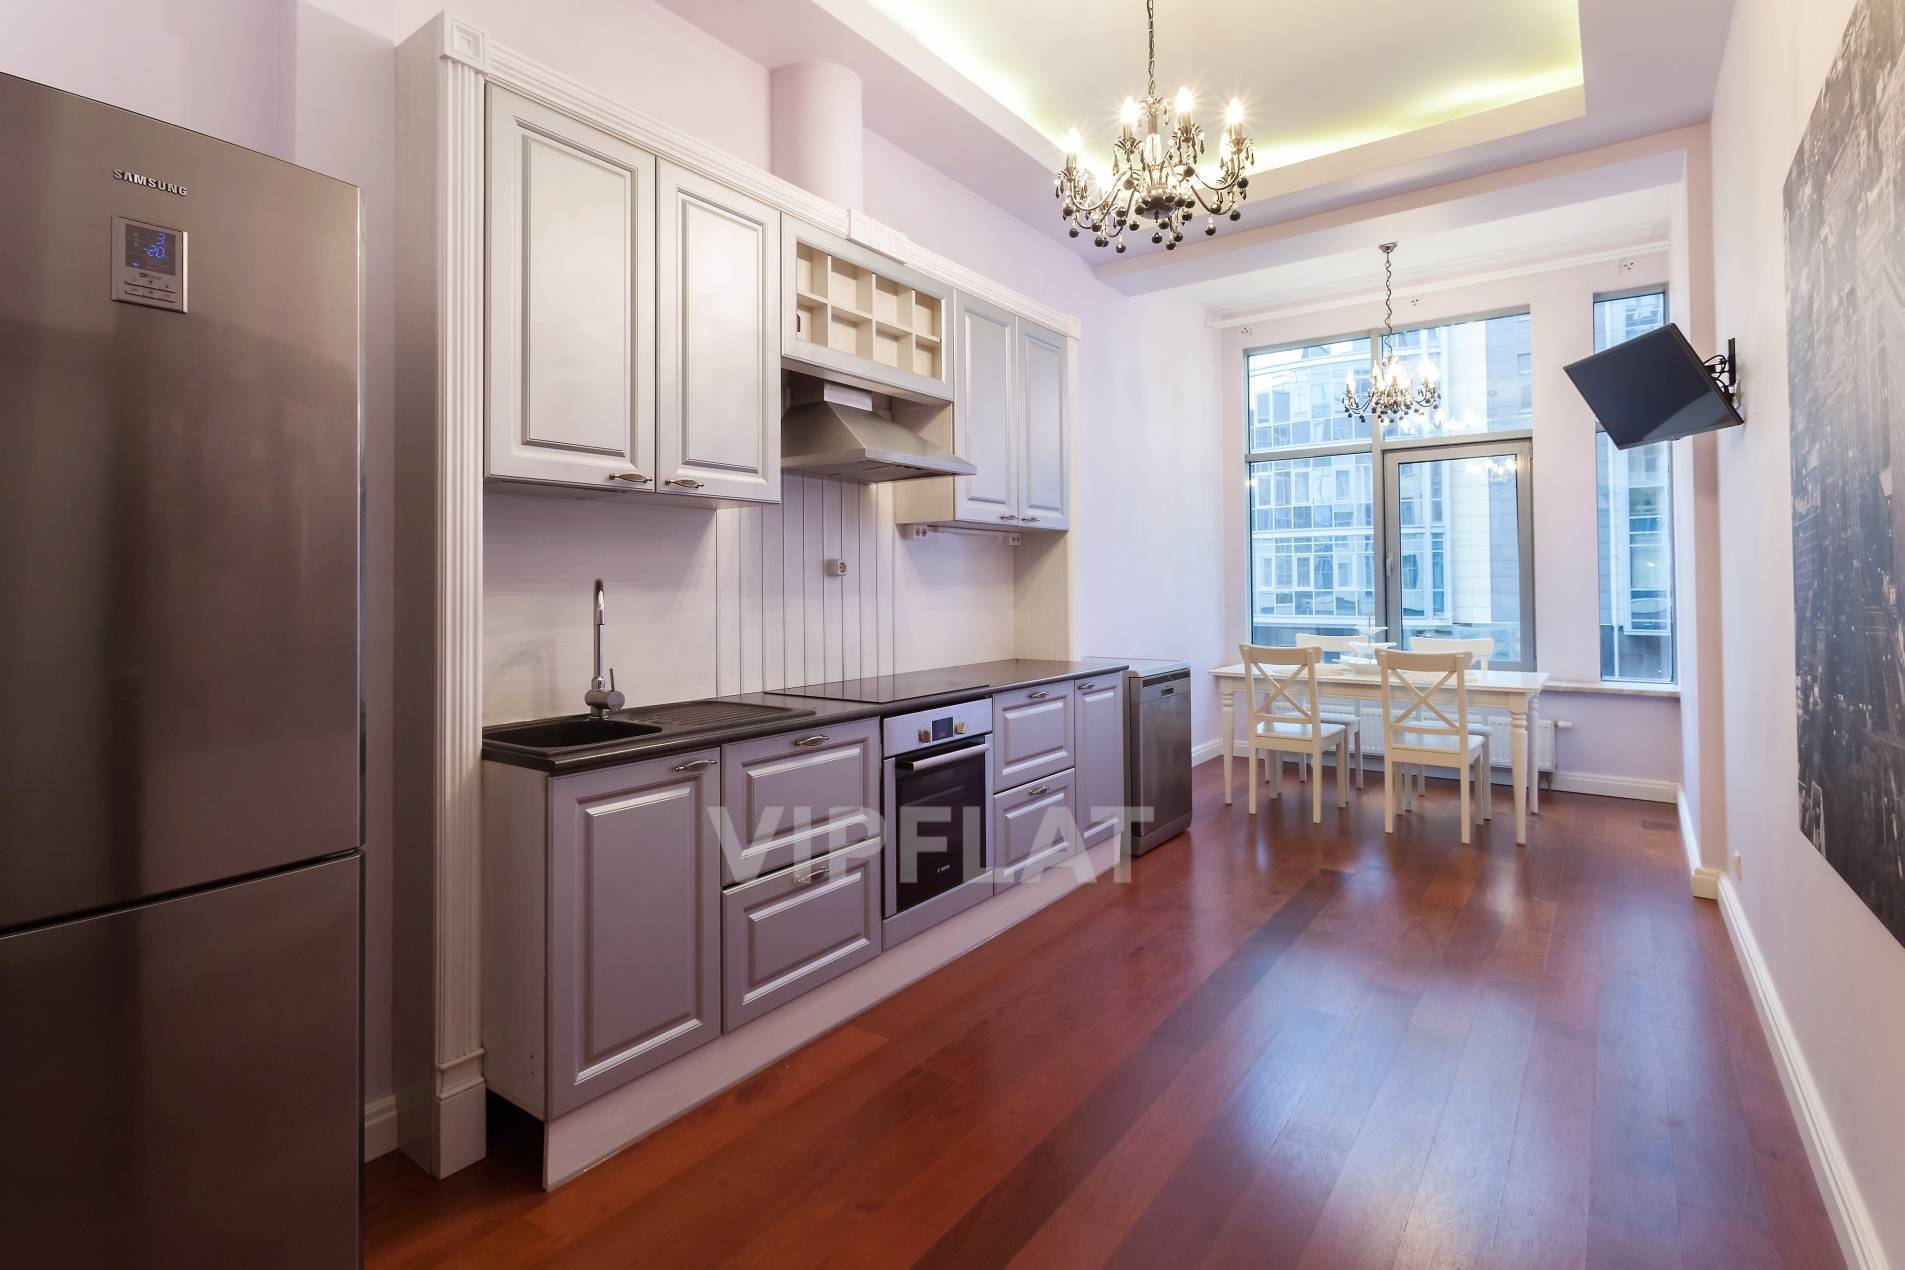 Продажа элитных квартир Санкт-Петербурга. Вязовая ул., 10 Удобная кухня-столовая